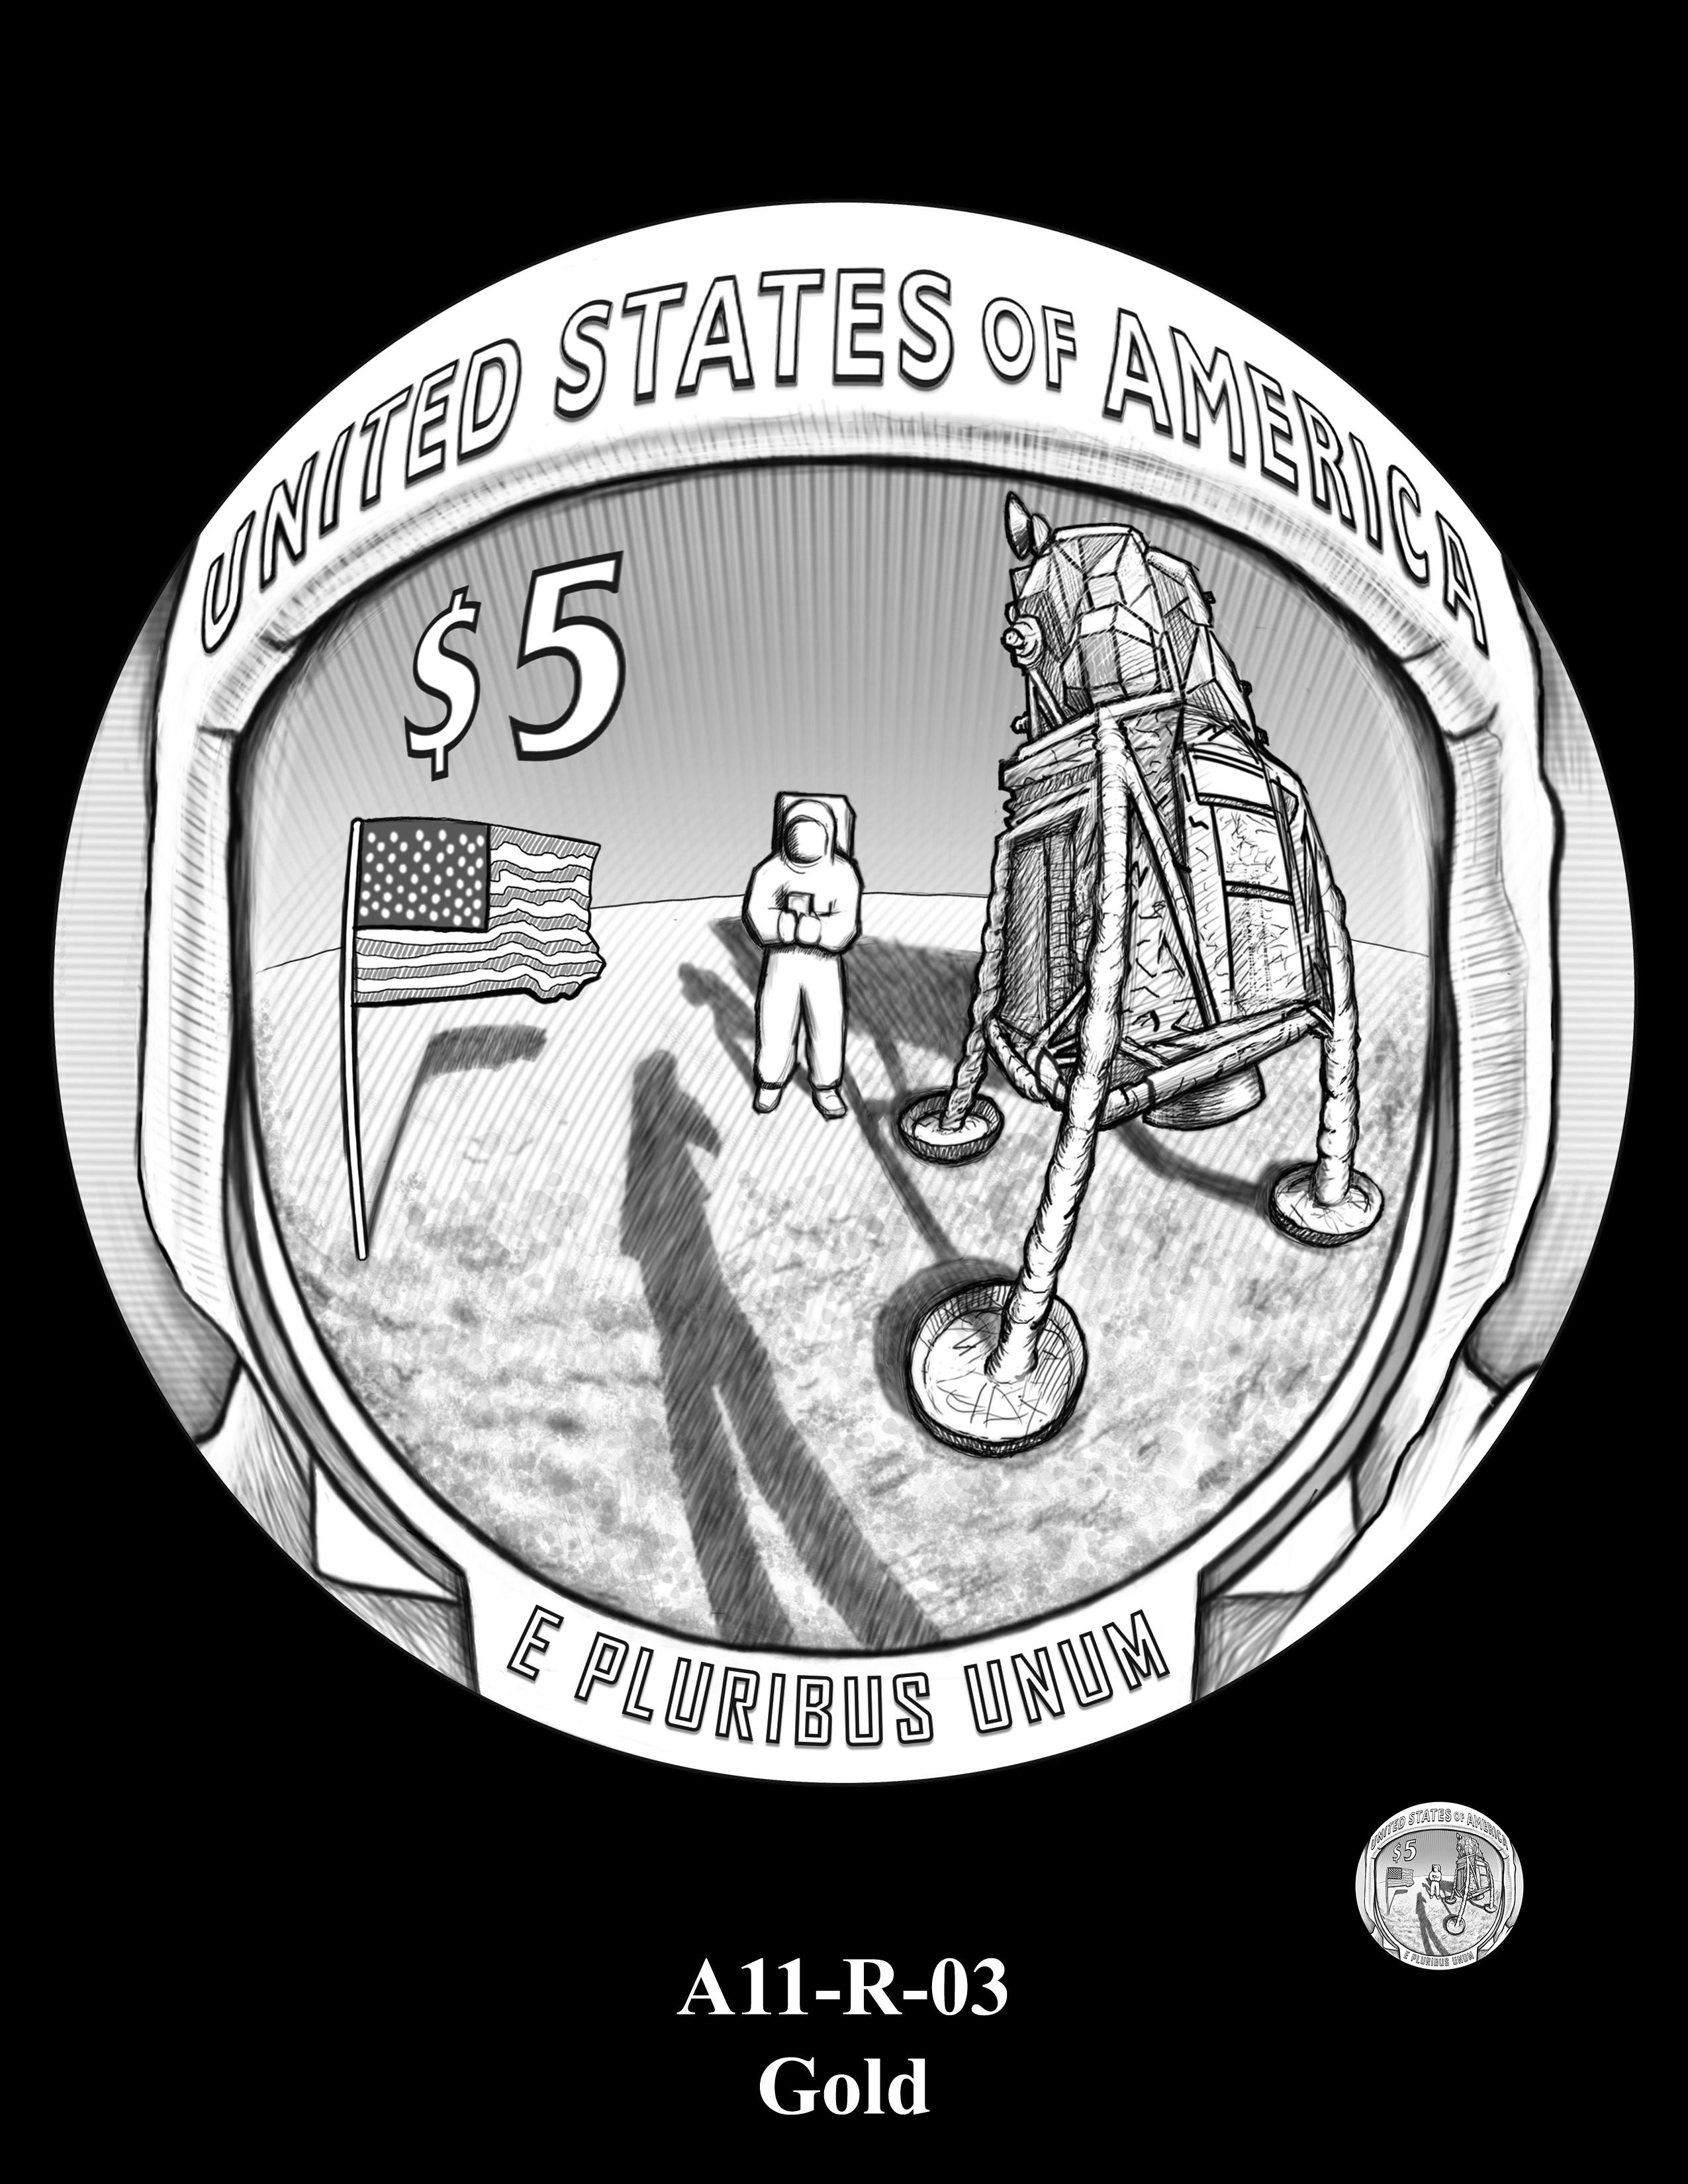 A11-R-03-GOLD -- 2019-Apollo 11 50th Anniversary Commemorative Coin